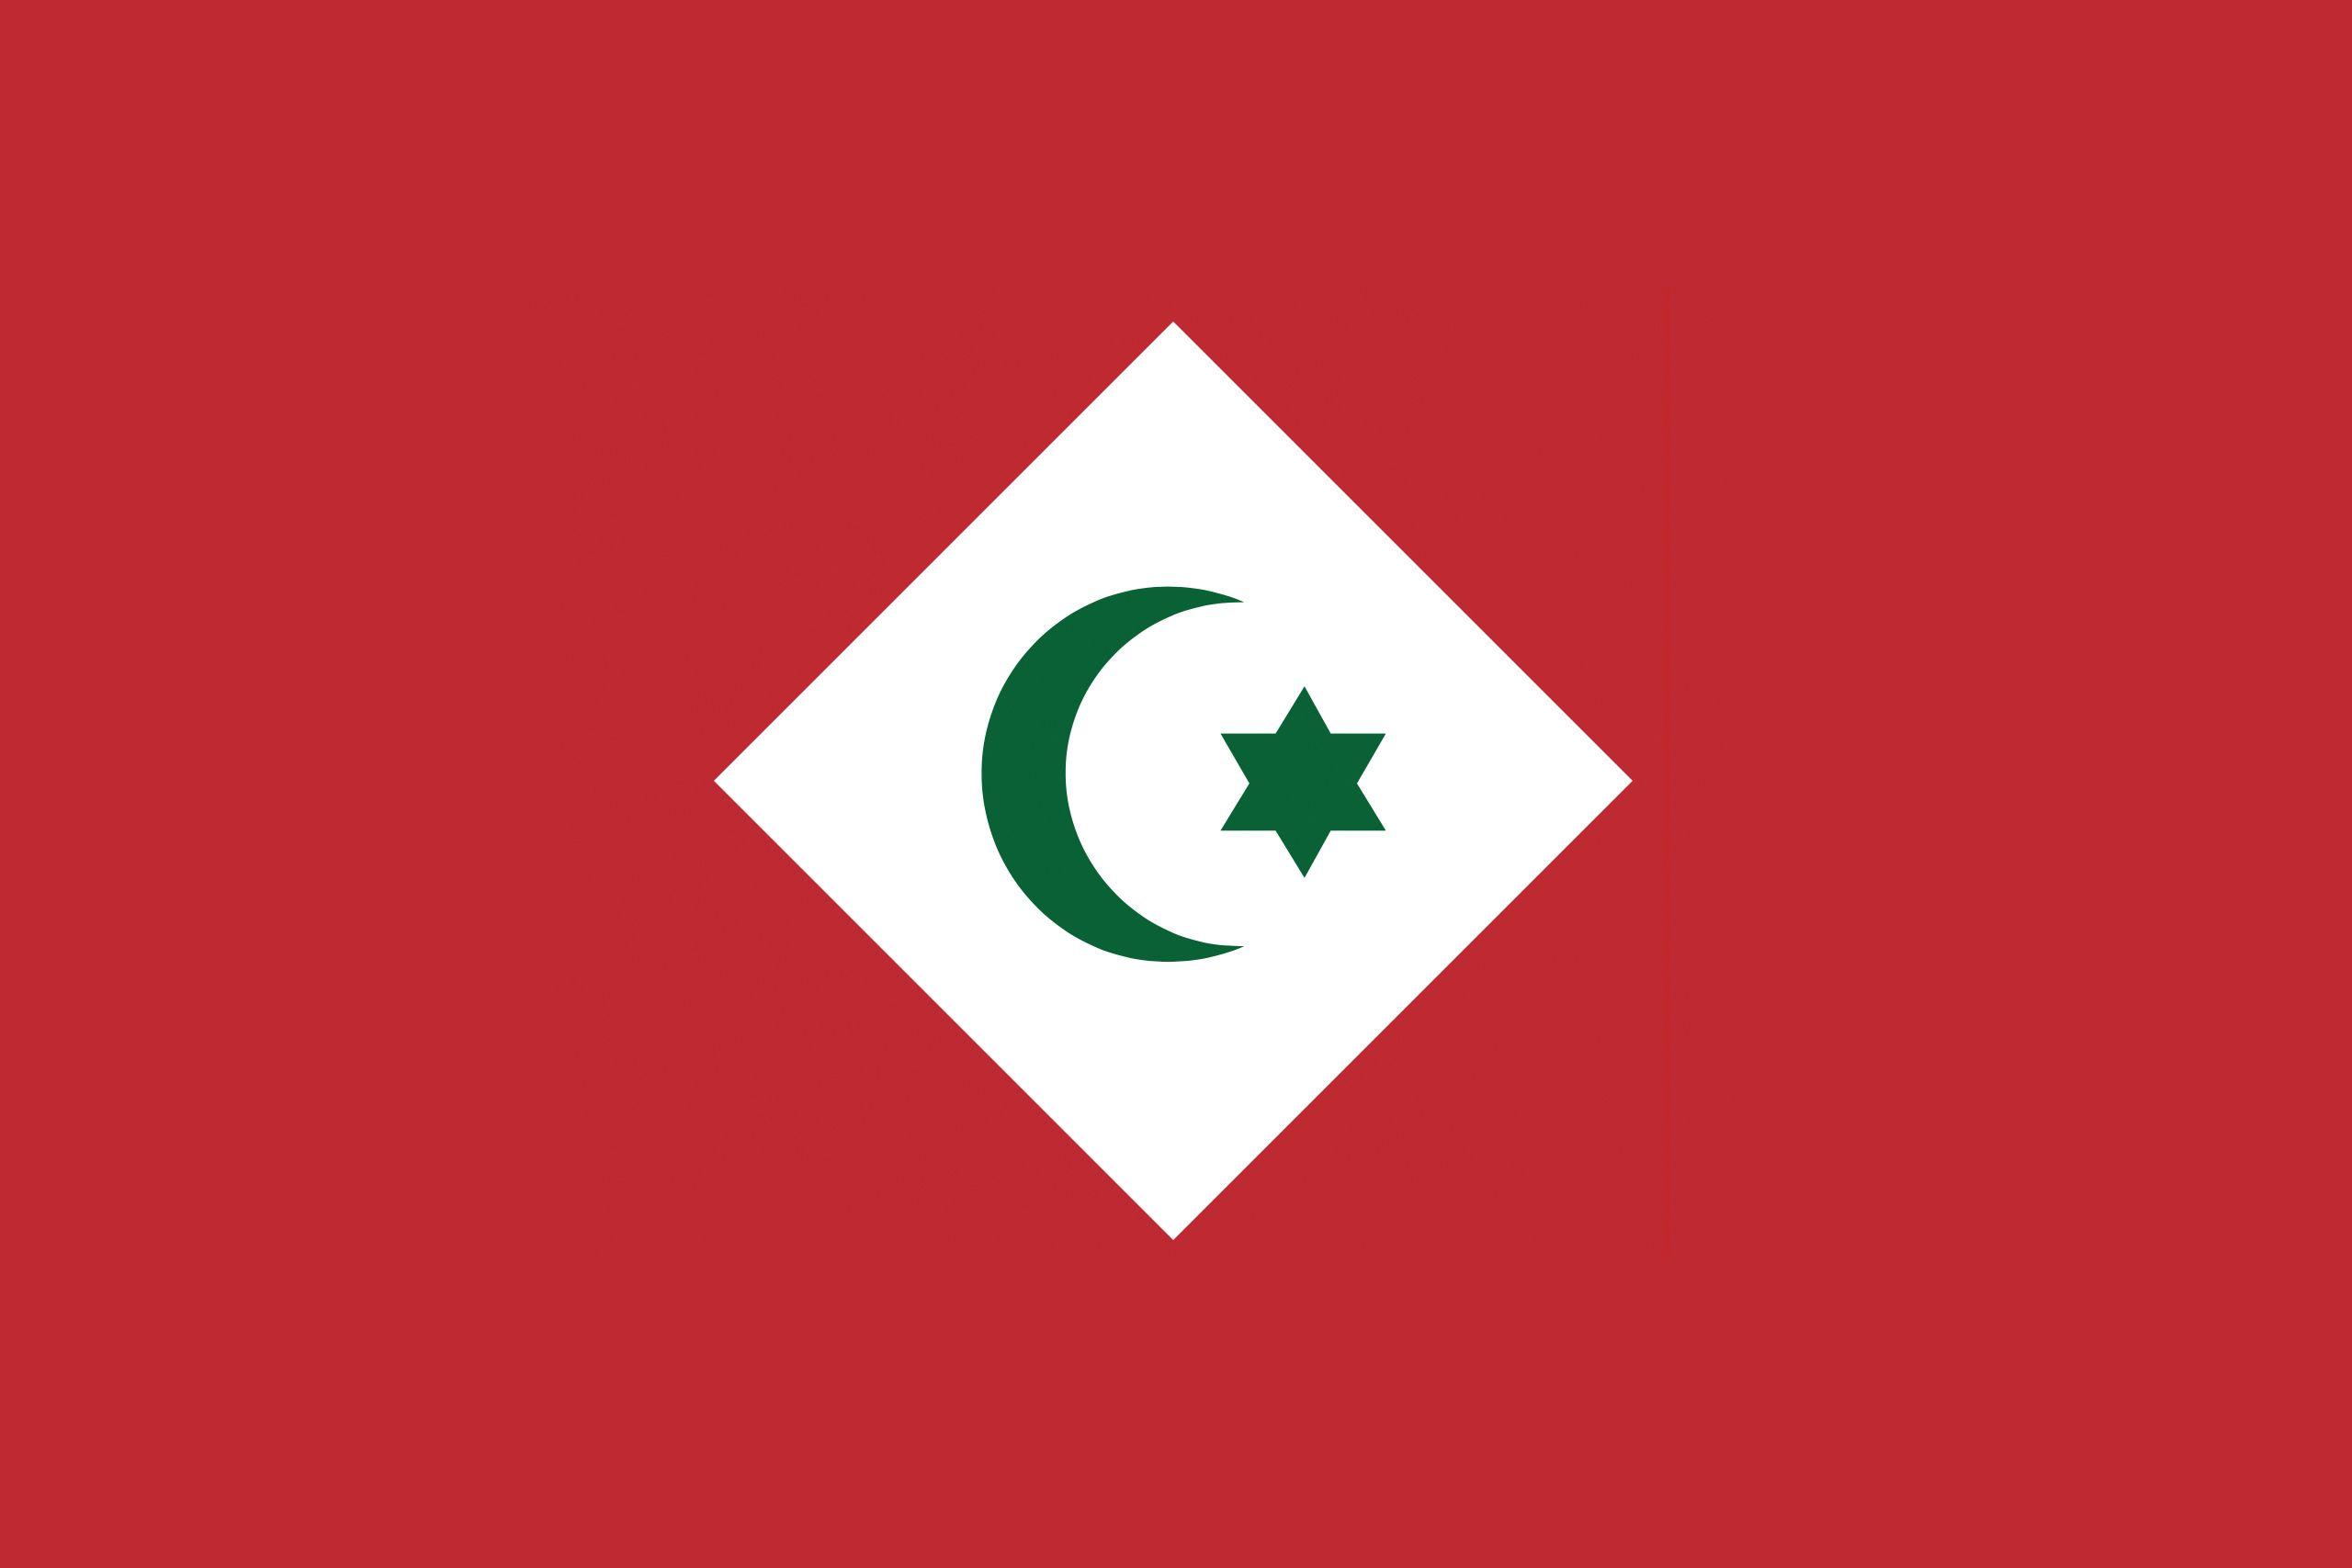 Flag Of Kosovo National Couleurs Strong Acrylique AIMANT de R/éfrig/érateur D/écor Maison